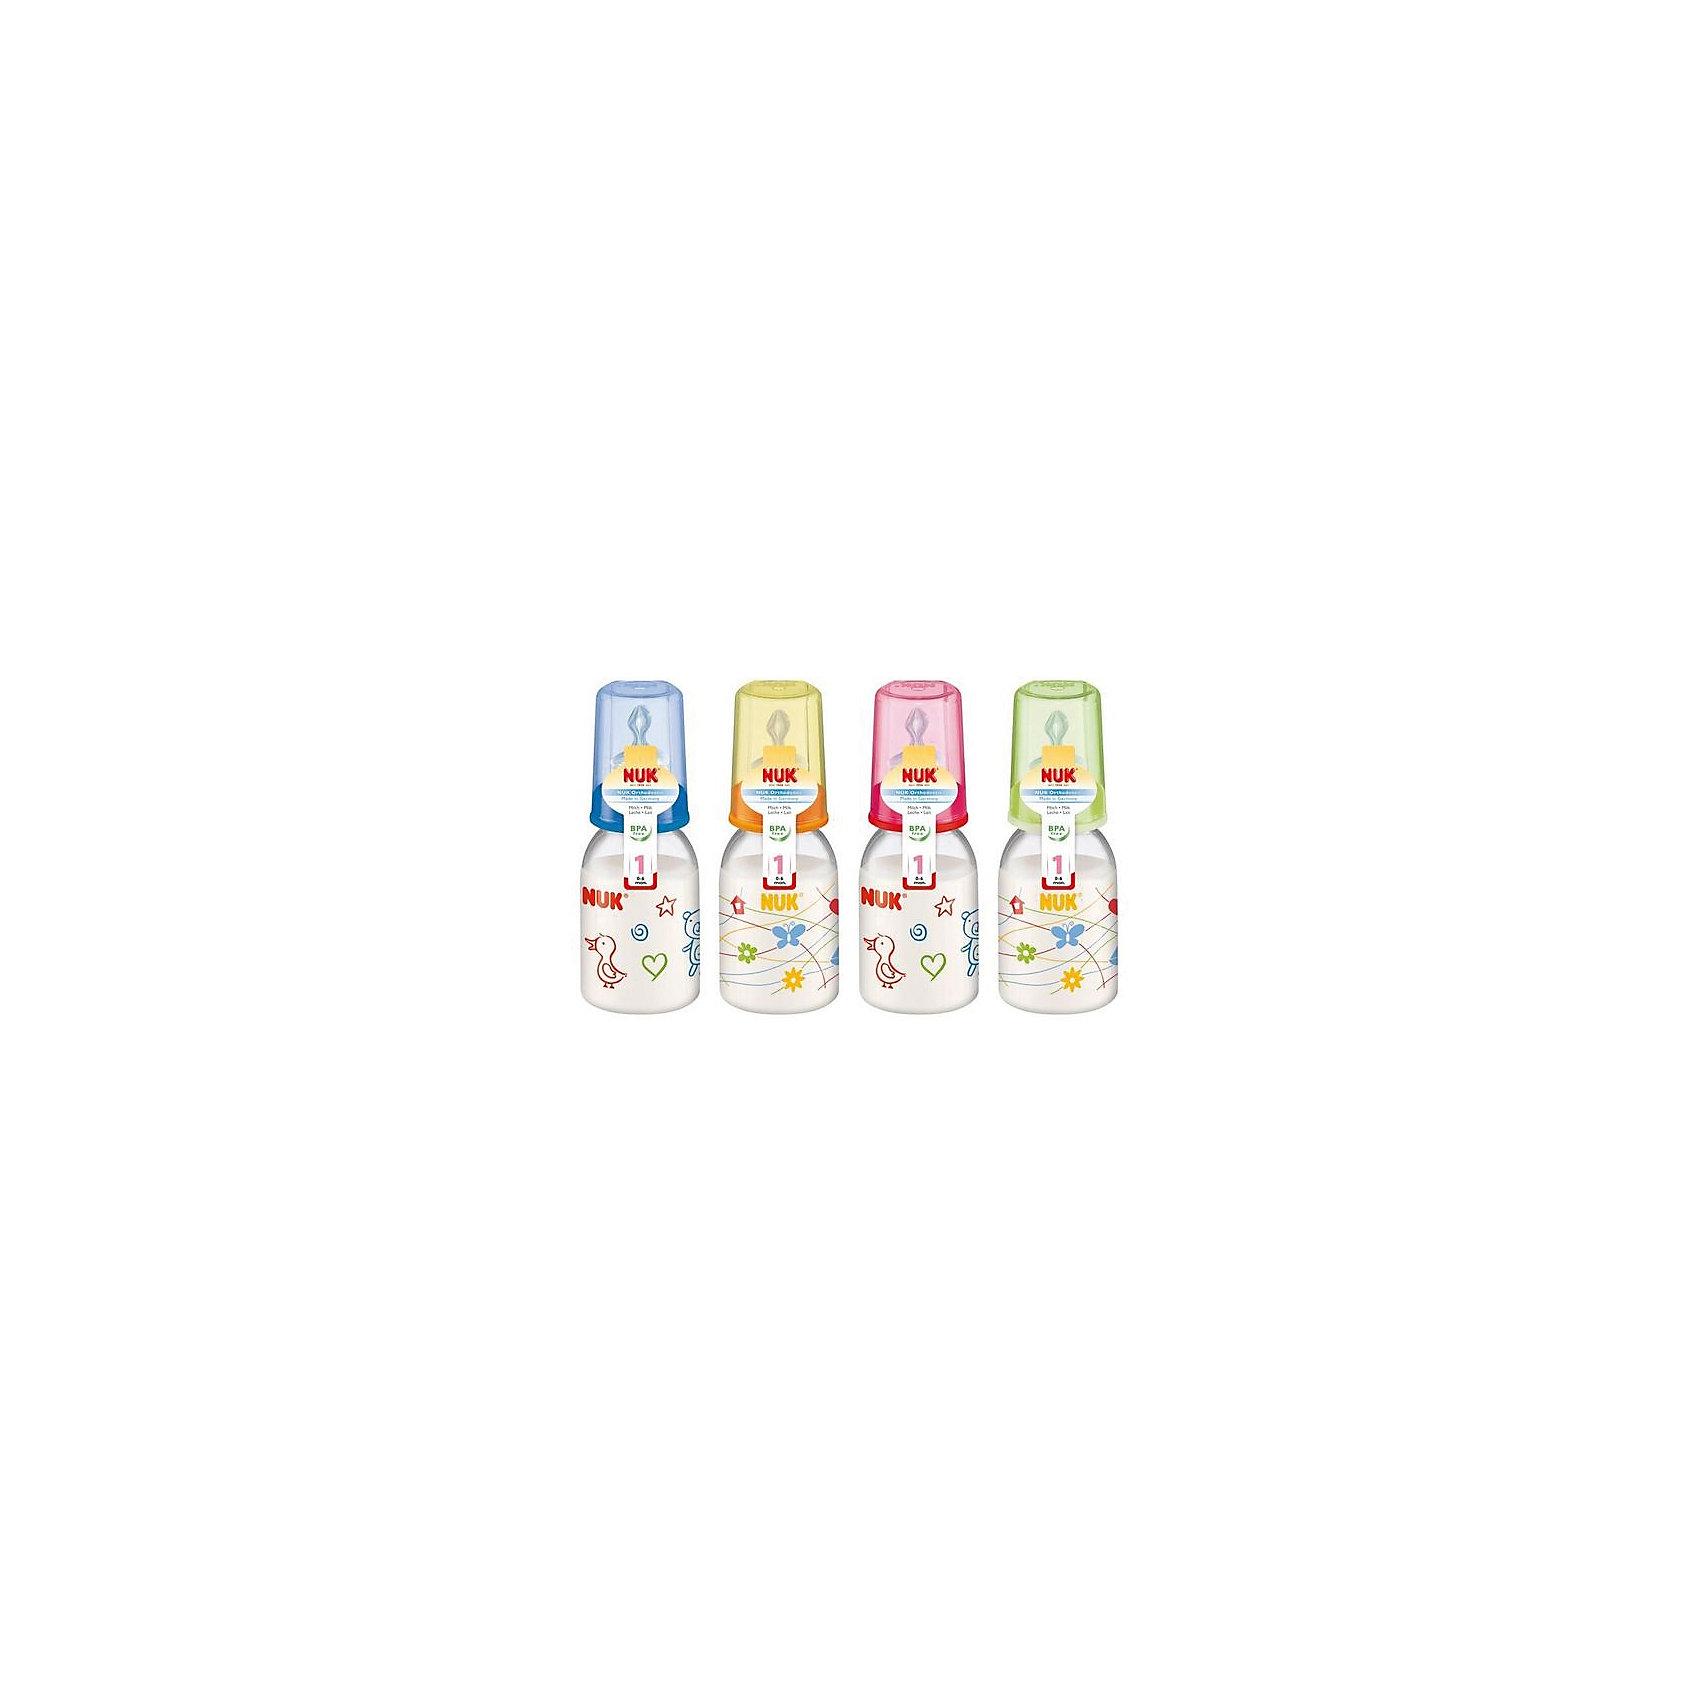 Бутылочка полипропиленовая (110 мл) с силиконовой соской, NUK110 - 180 мл.<br>Обеспечить ребенку правильное и комфортное питание - одна из важнейших задач родителей. Современные технологии помогают это сделать достаточно легко. Пример тому: эта бутылочка со специальной соской.<br>Бутылочка имеет удобную форму, она герметична и сделана из безопасного даже для самых маленьких пластика. Соска произведена из силикона - на сегодняшний день это один из лучших материалов для производства сосок. Она имеет отверстие, рассчитанное на жидкое питание. Форма соски позволяет обеспечить малышу комфорт при питании, а также предотвратить заглатывание воздуха и образование колик. Подарите удобство себе и ребенку!<br><br>Дополнительная информация:<br><br>цвет: разноцветный;<br>материал: пластик, силикон;<br>возраст ребенка: от рождения до 6 месяцев;<br>противоколиковый клапан;<br>для жидких продуктов;<br>объем: 110 мл.<br><br>Бутылочку полипропиленовую (110 мл) с силиконовой соской от компании NUK можно купить в нашем магазине.<br><br>Ширина мм: 55<br>Глубина мм: 55<br>Высота мм: 100<br>Вес г: 120<br>Возраст от месяцев: -2147483648<br>Возраст до месяцев: 2147483647<br>Пол: Унисекс<br>Возраст: Детский<br>SKU: 3932429